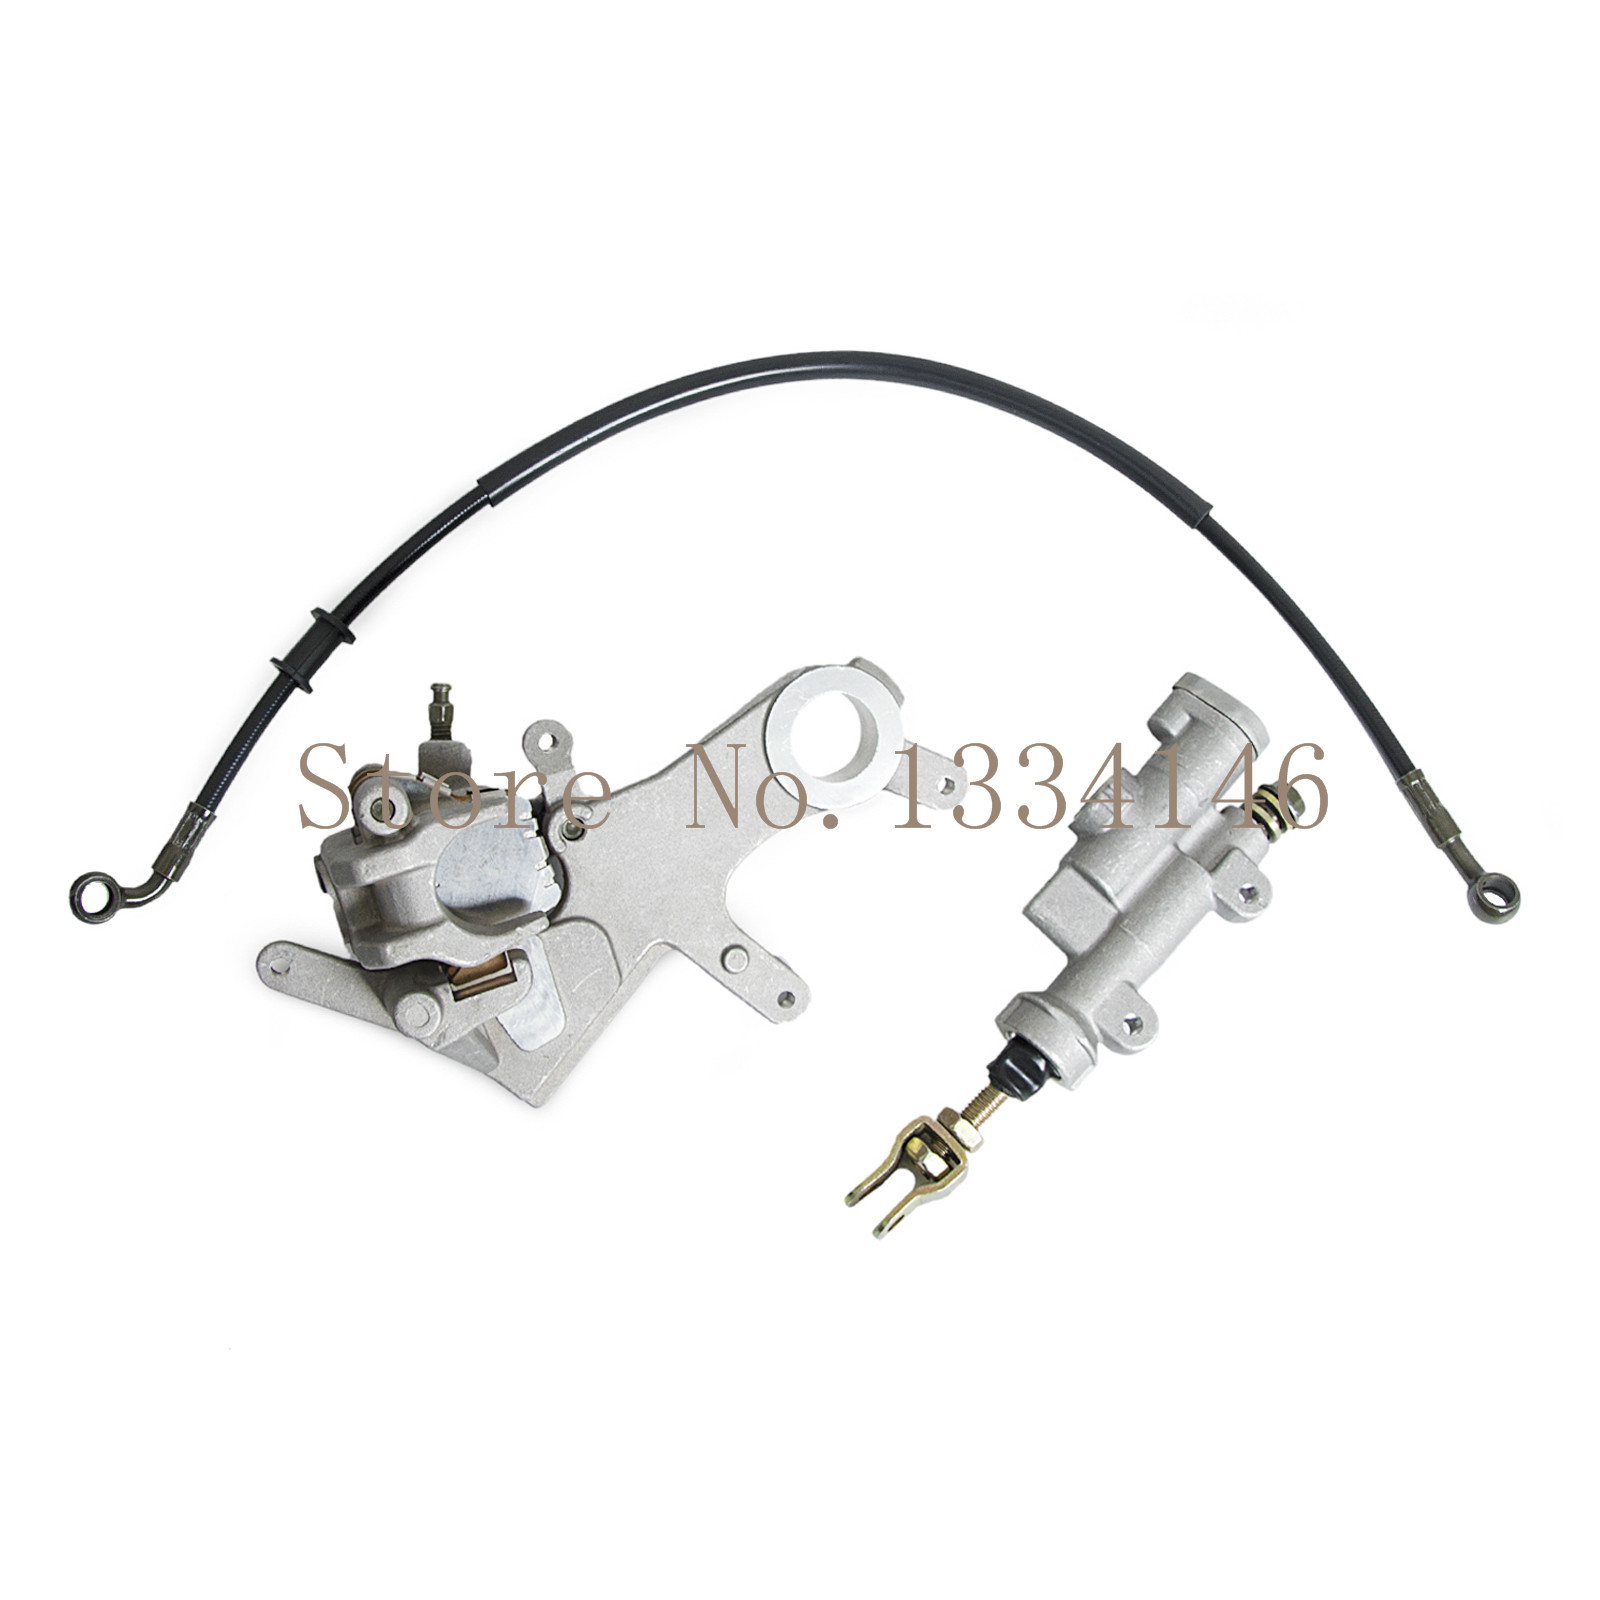 ФОТО Rear Brake Caliper Master Cylinder For Honda CR125R 125R CR250R 250R 2002-2007